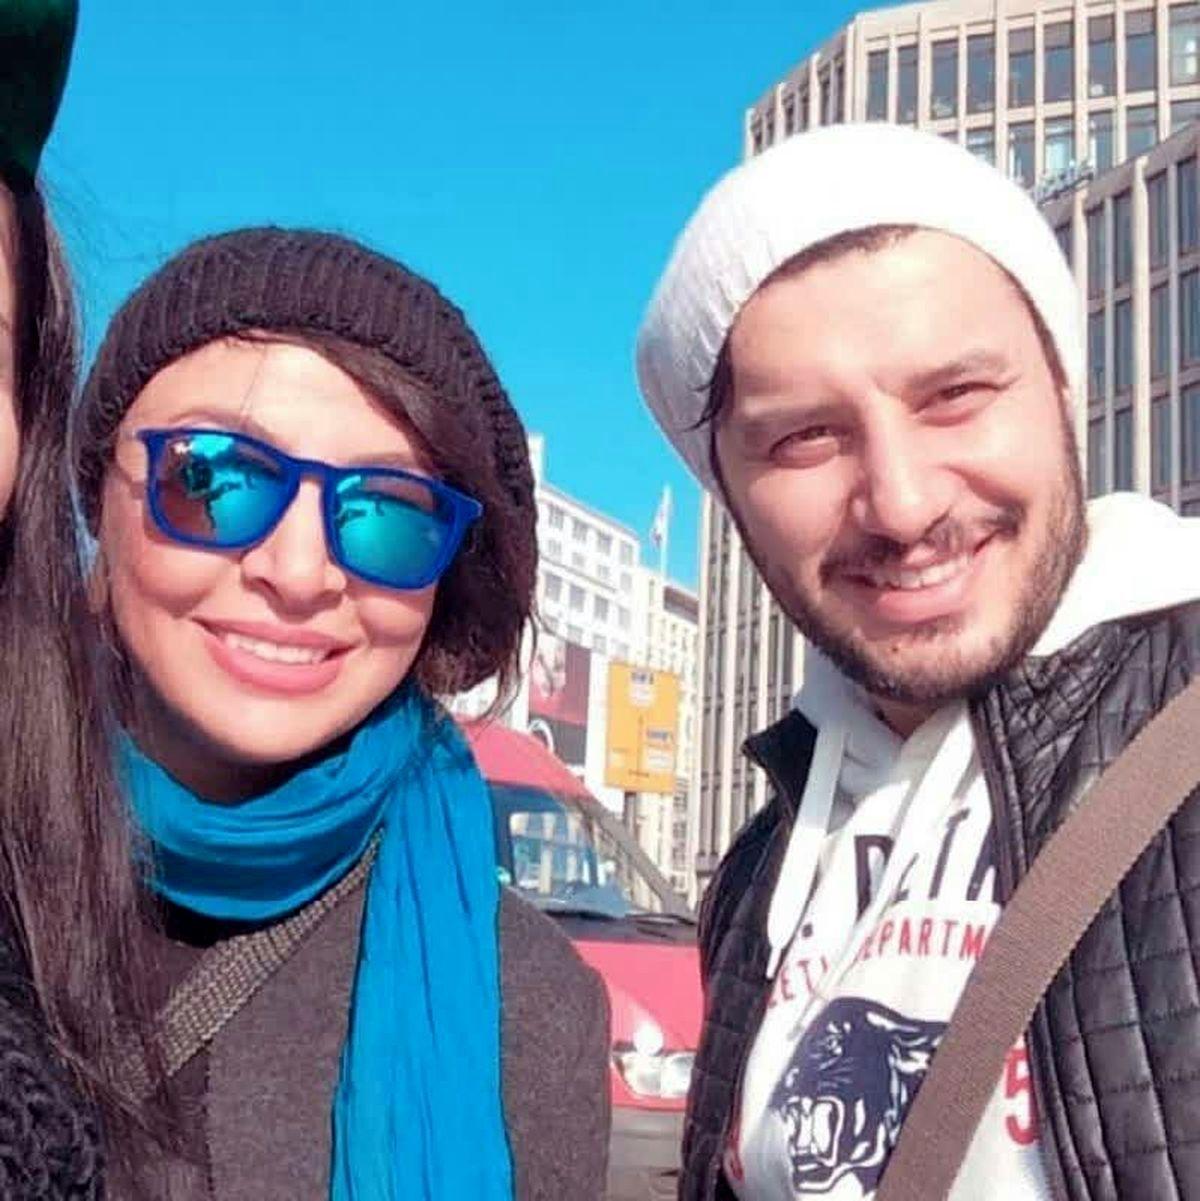 رقص زیبای جواد عزتی و هانیه توسلی + فیلم لورفته